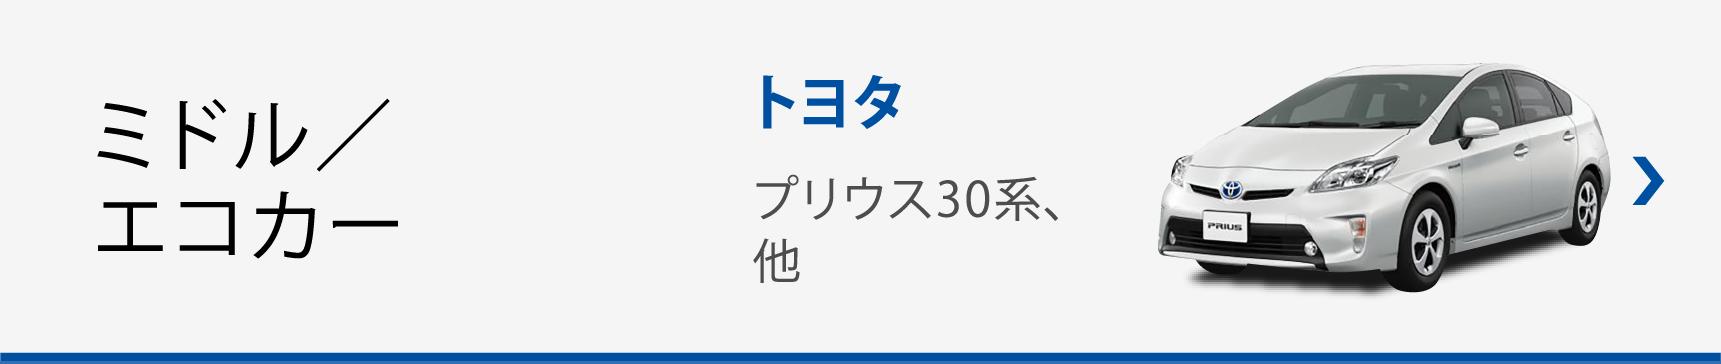 ミドル/エコカー